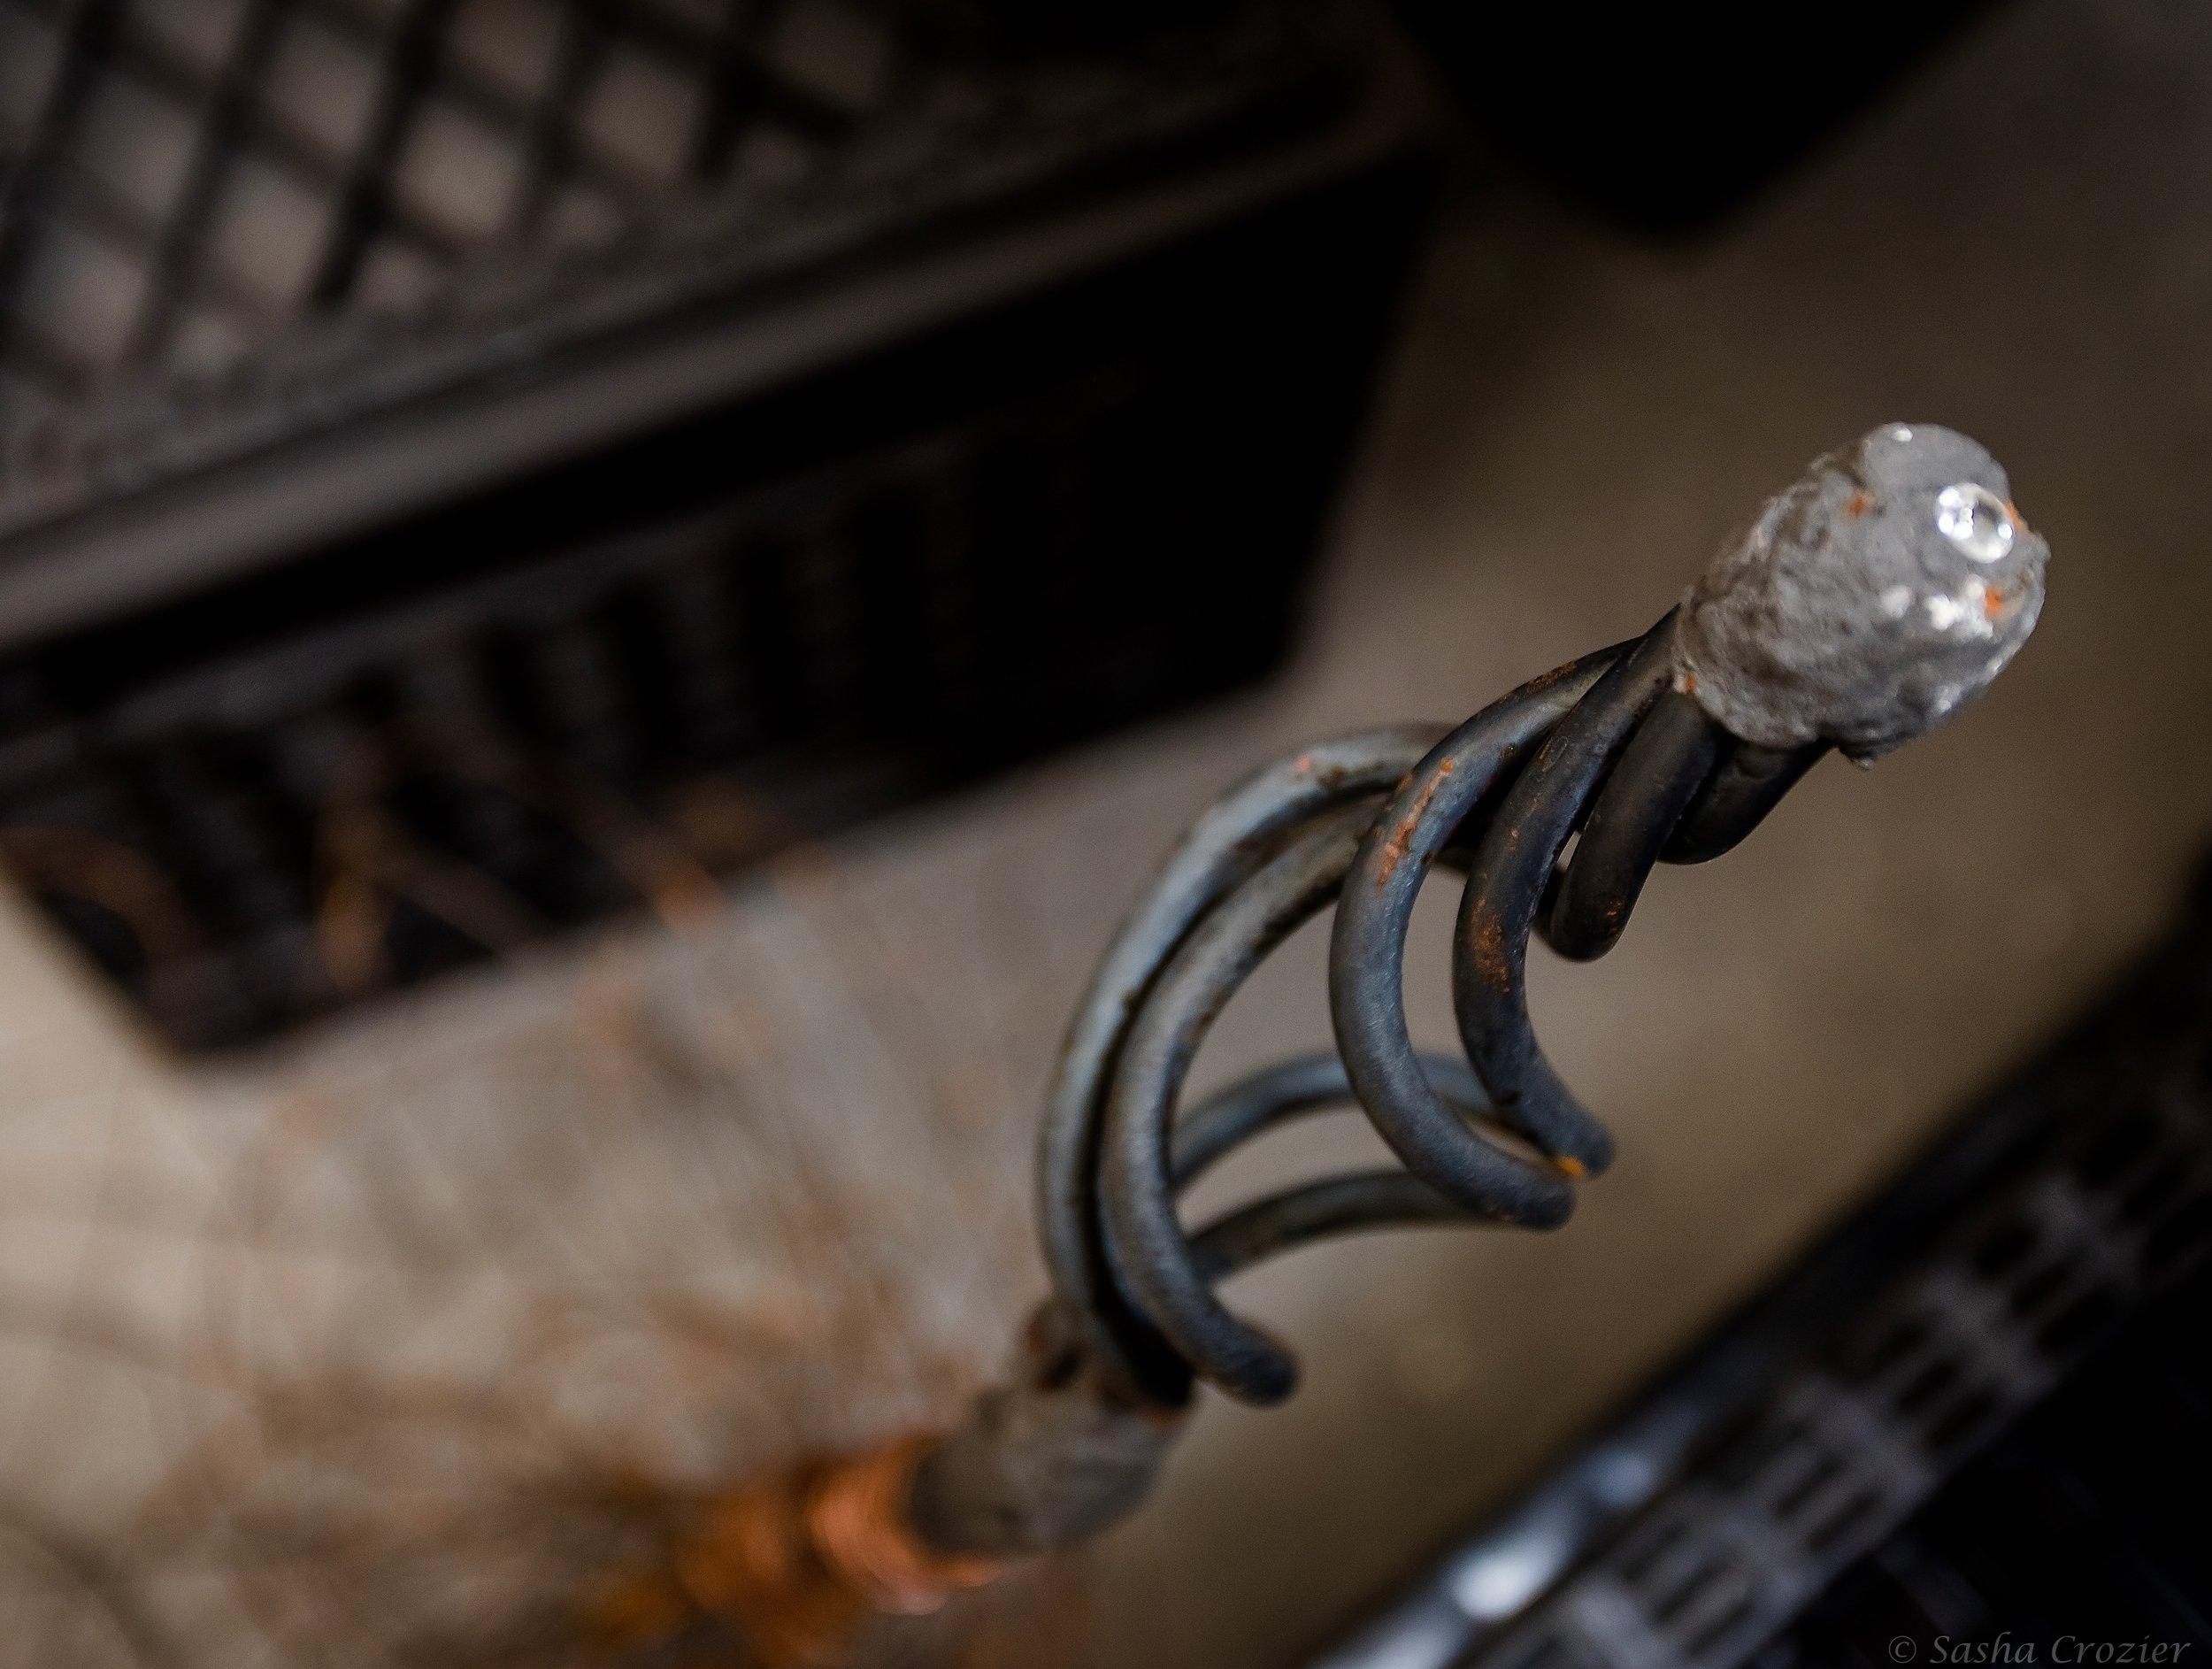 Diamond Broom (handle, detail)